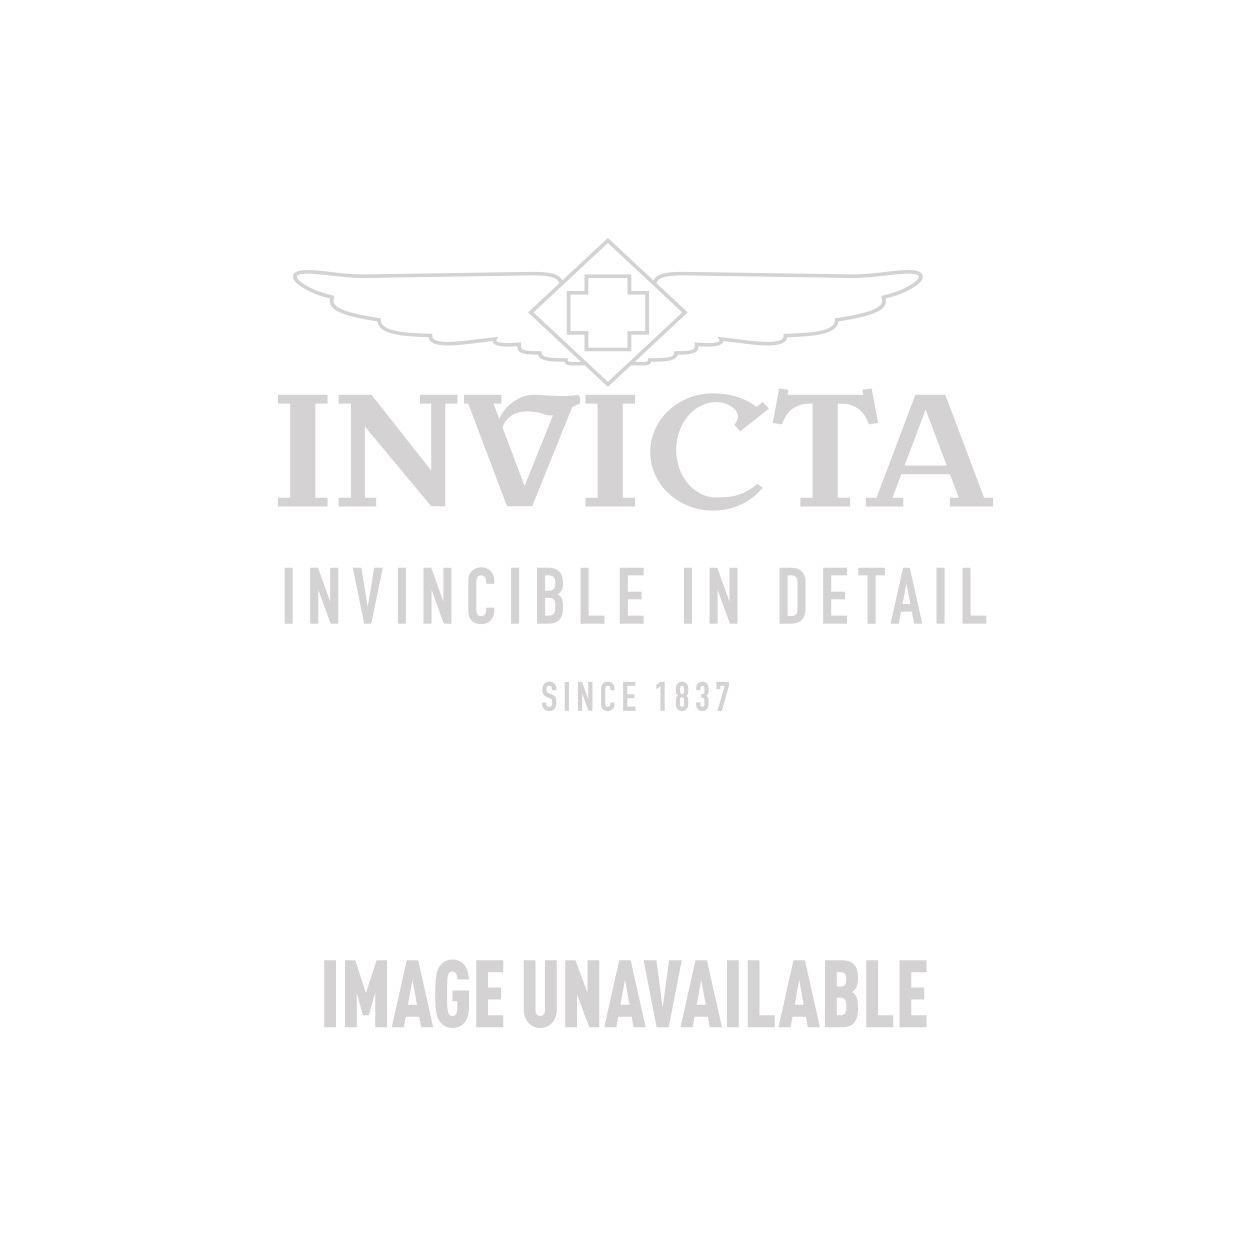 Invicta Model 25320